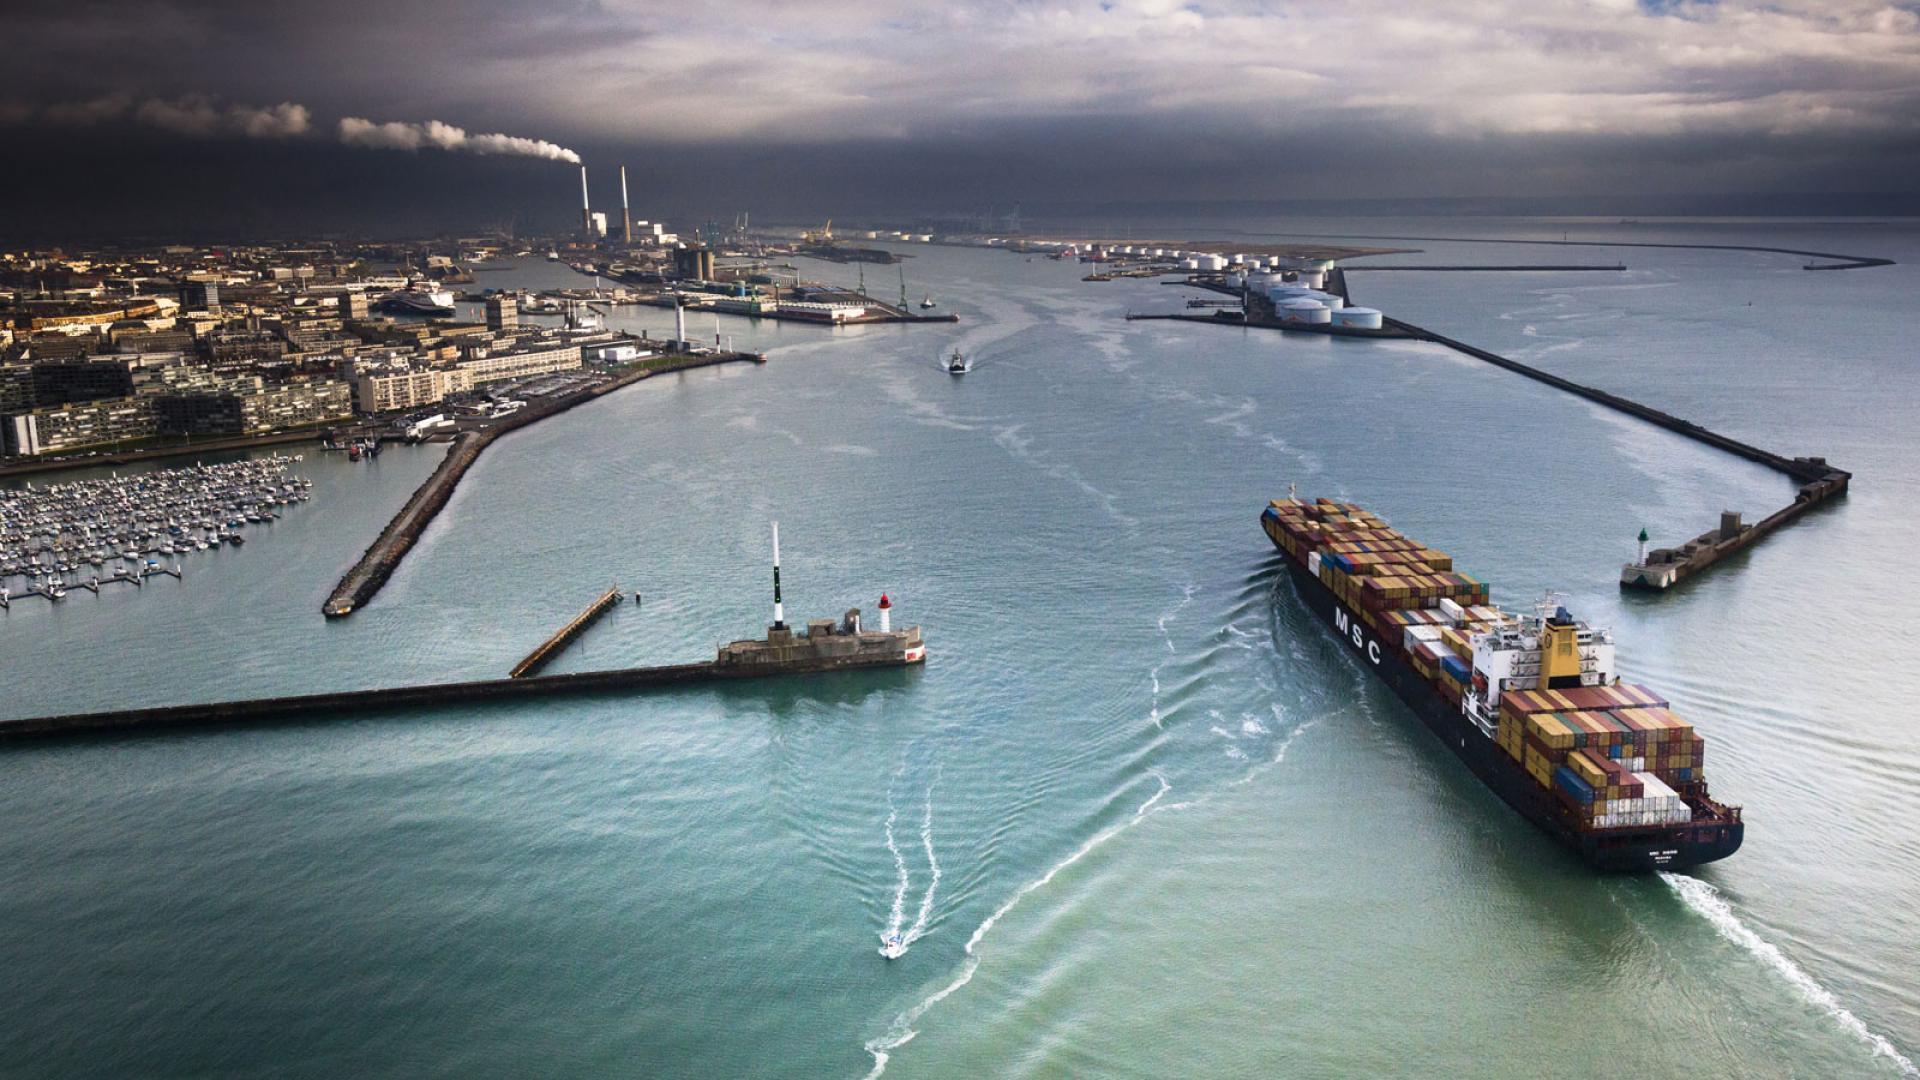 vue aérienne d'un porte-conteneurs entrant dans le port du Havre